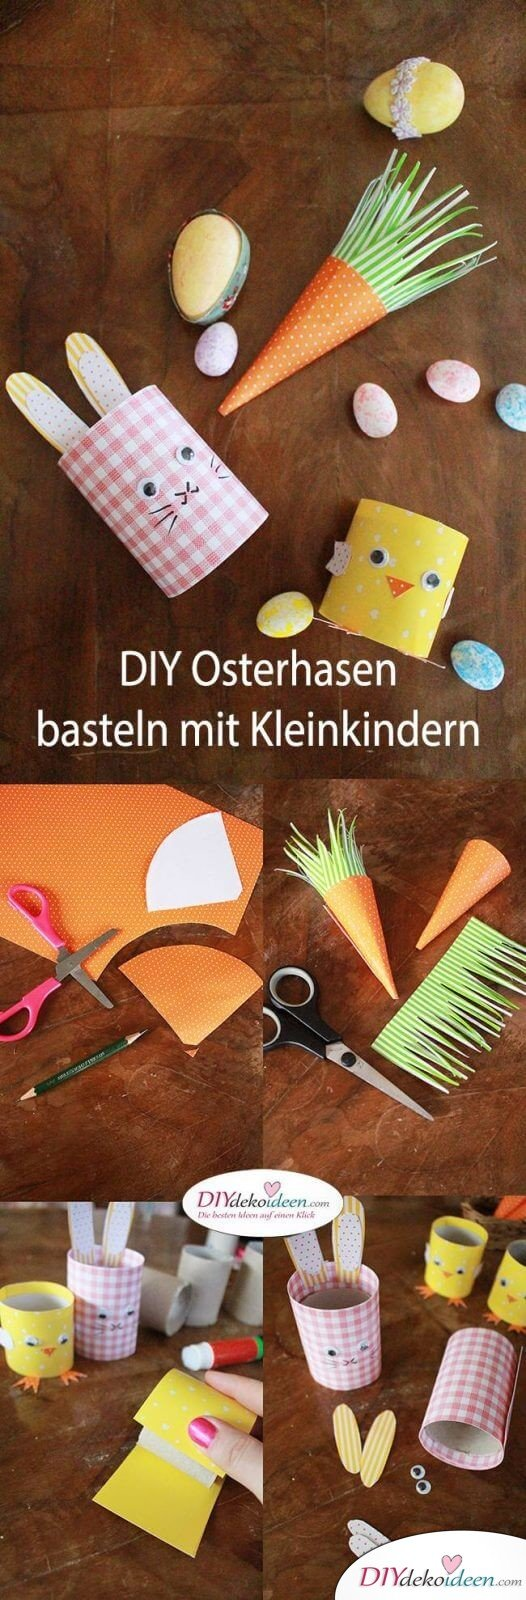 DIY Ideen mit Klopapierrollen - Osterhasen basteln mit Kleinkindern